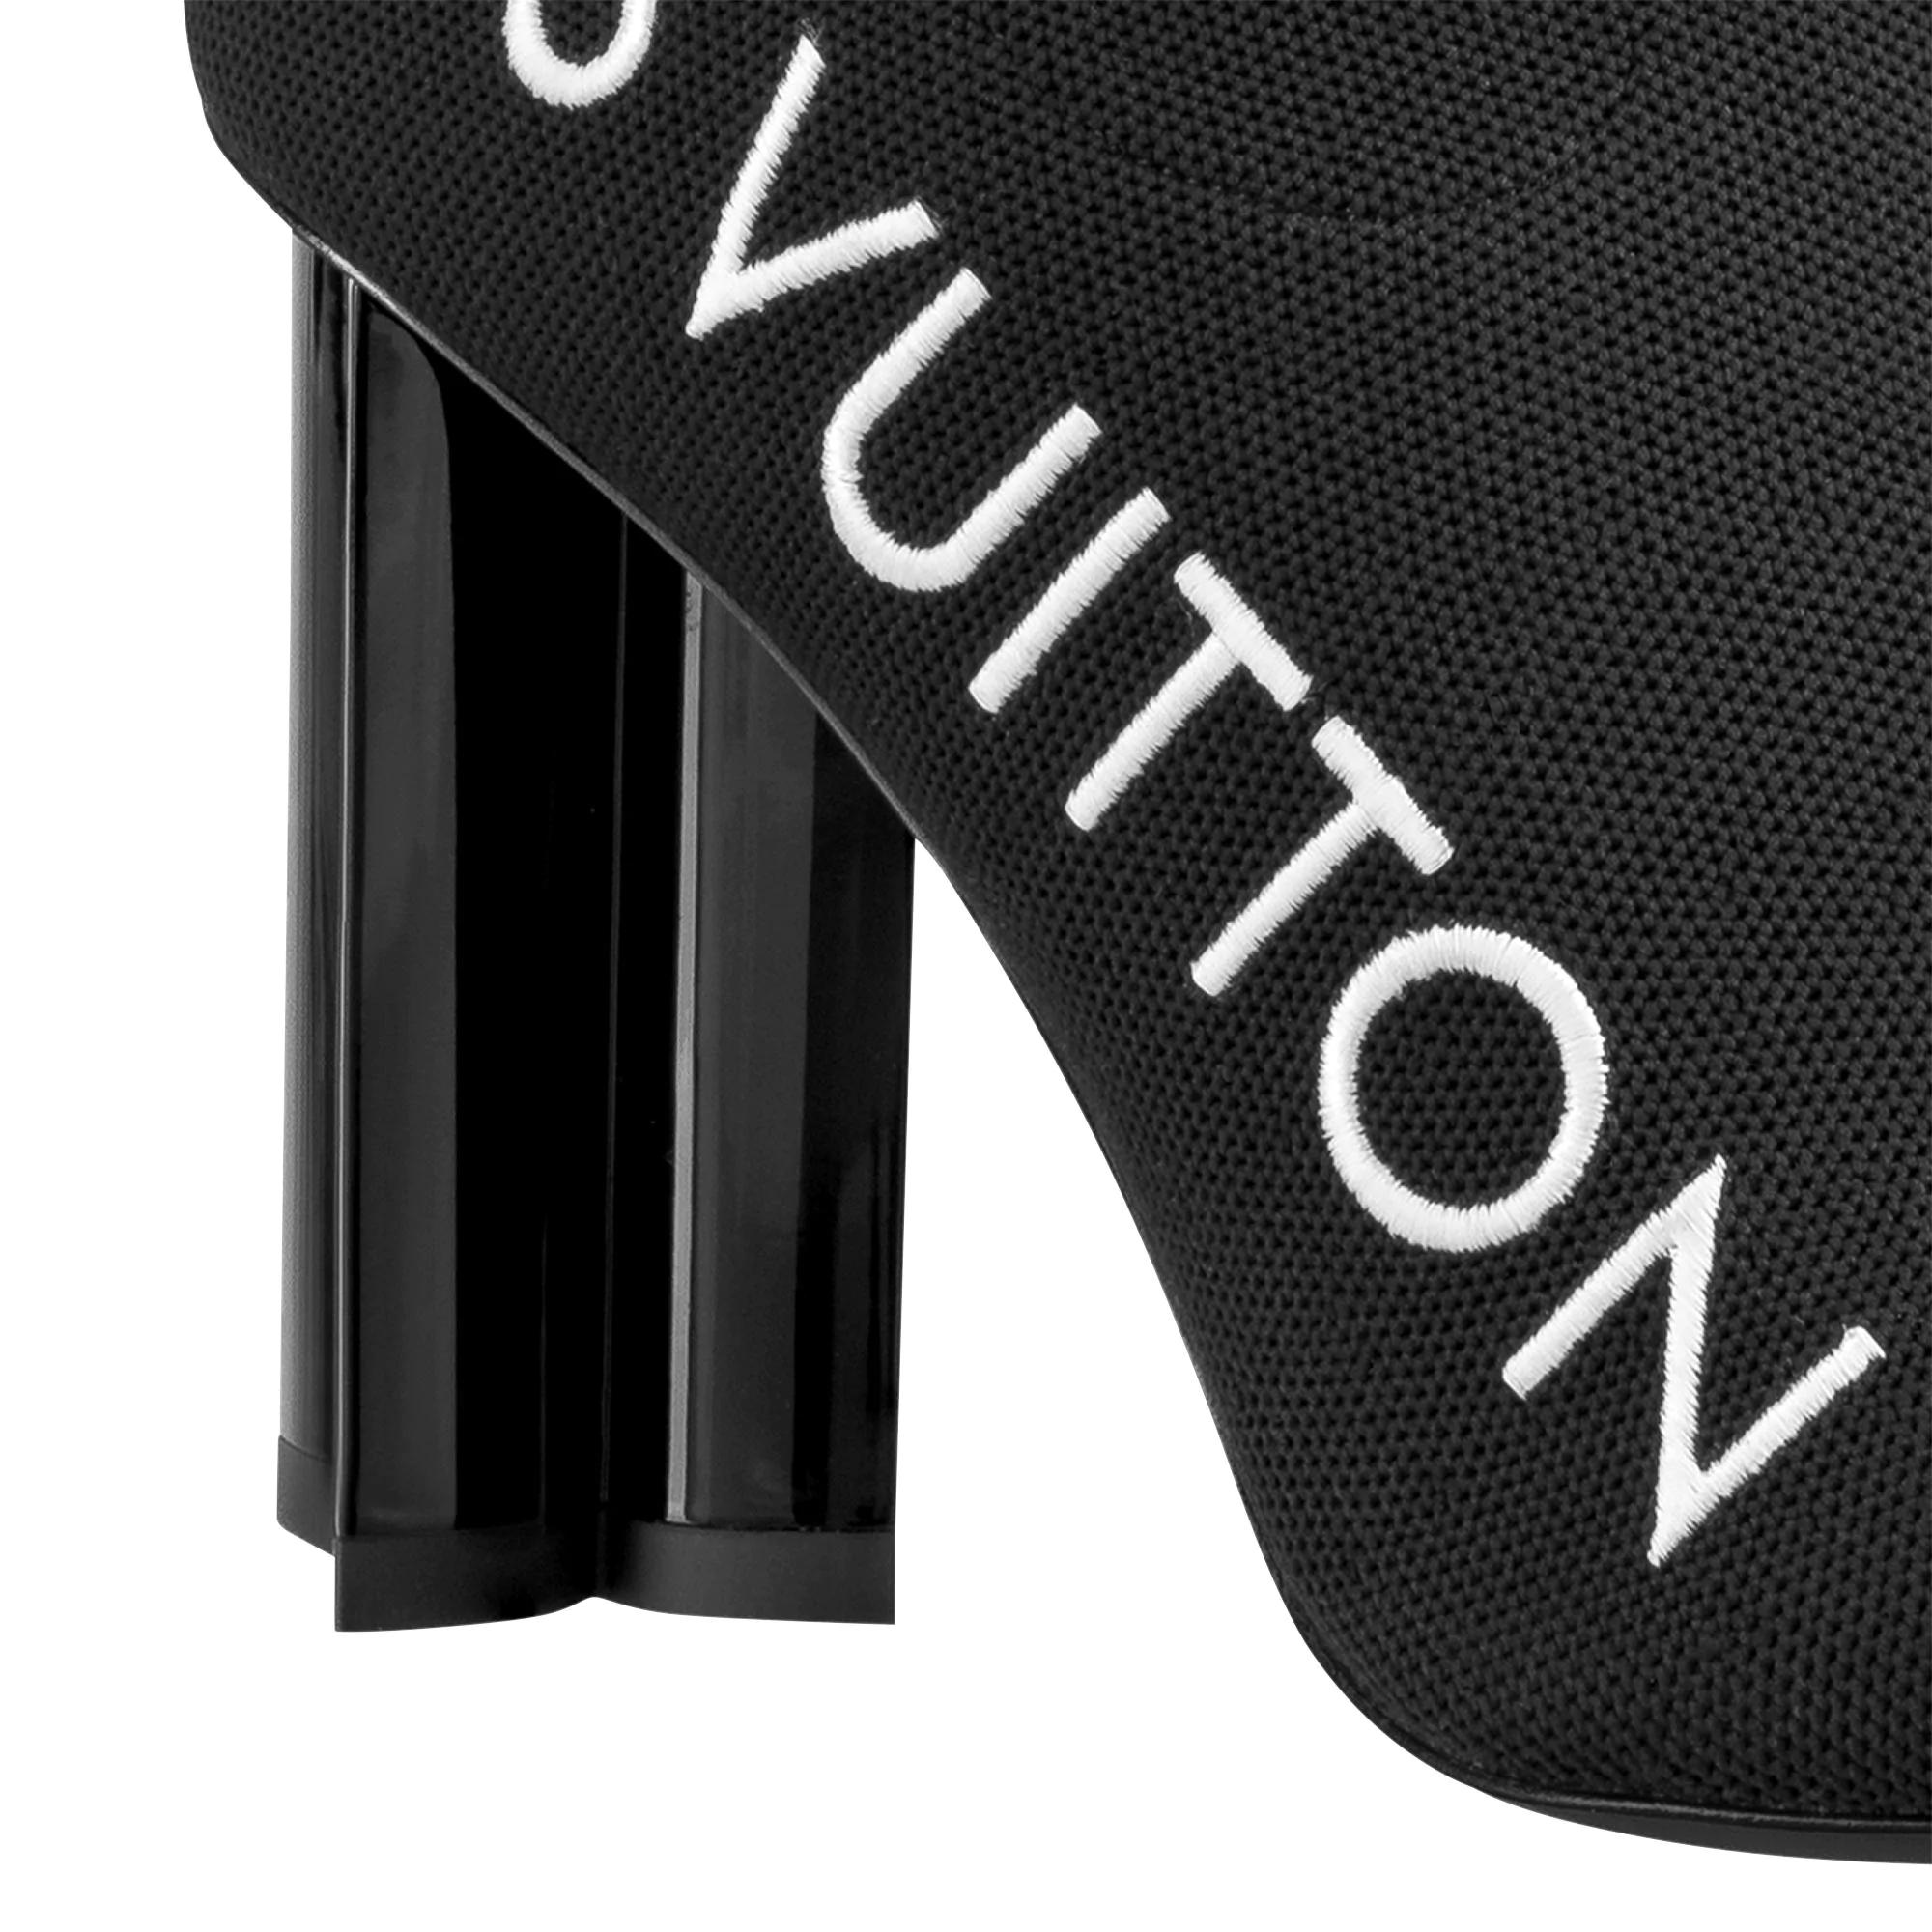 유럽직배송 루이비통 LOUIS VUITTON Silhouette Ankle Boots 1A5MJG